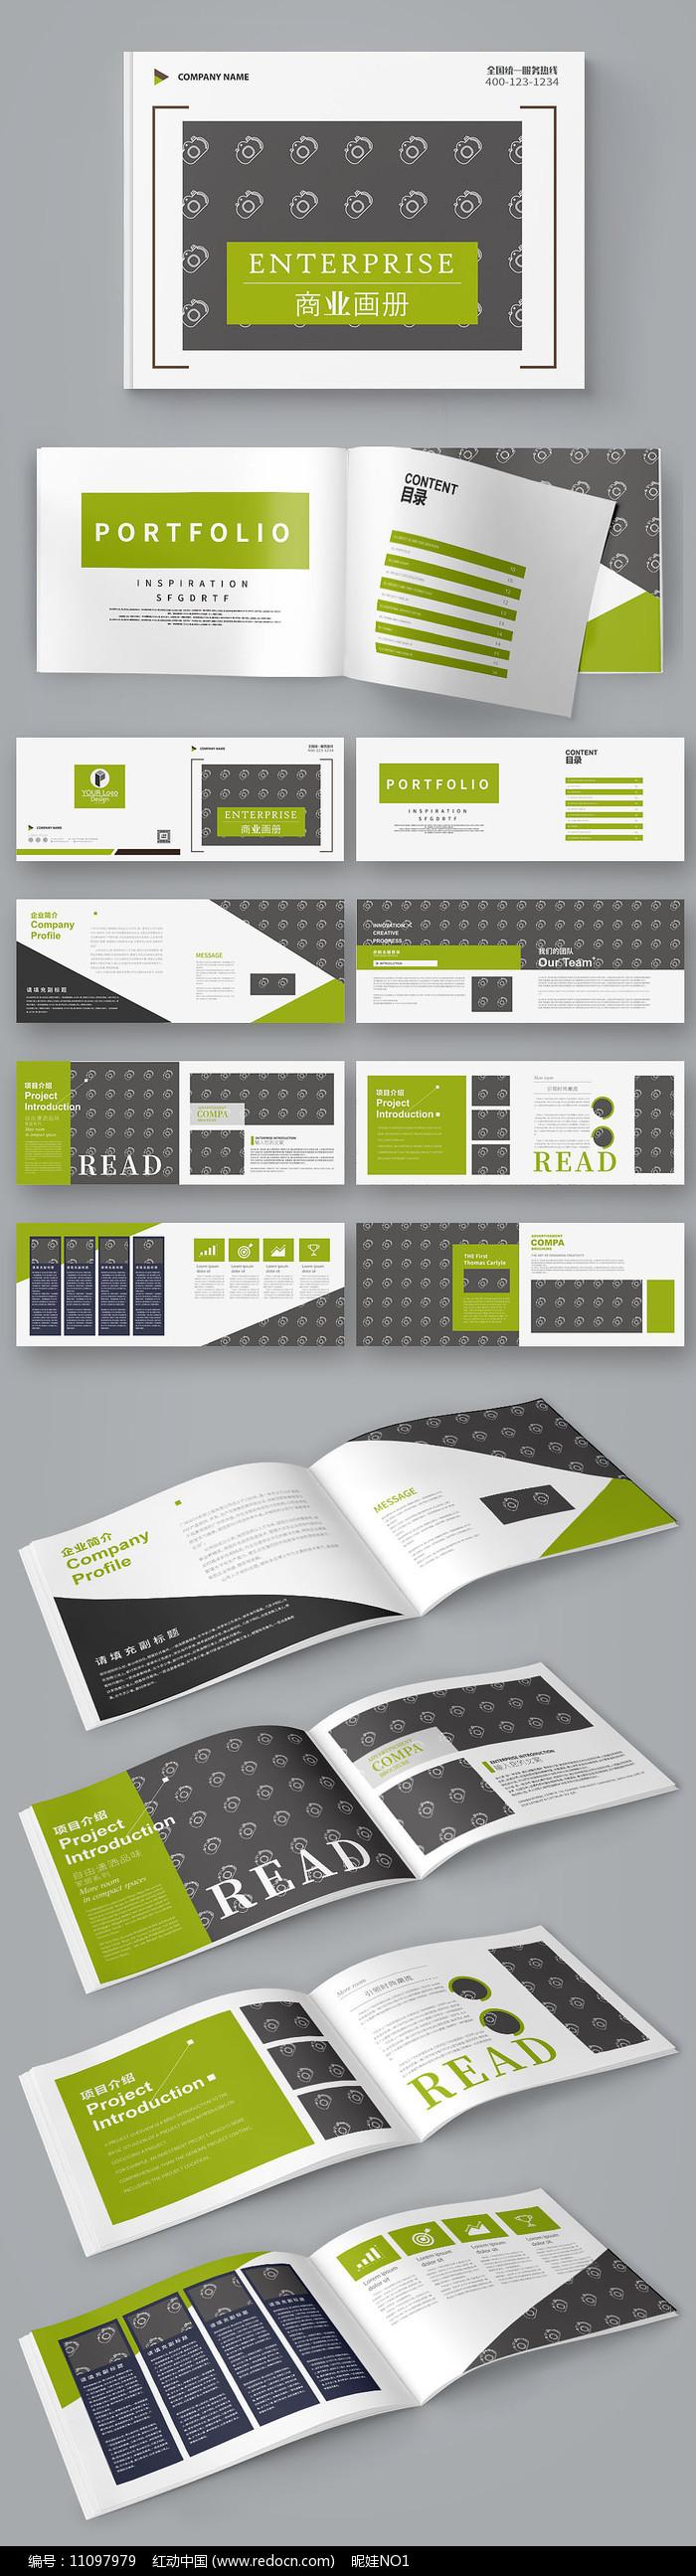 绿色大气企业形象画册设计模板图片